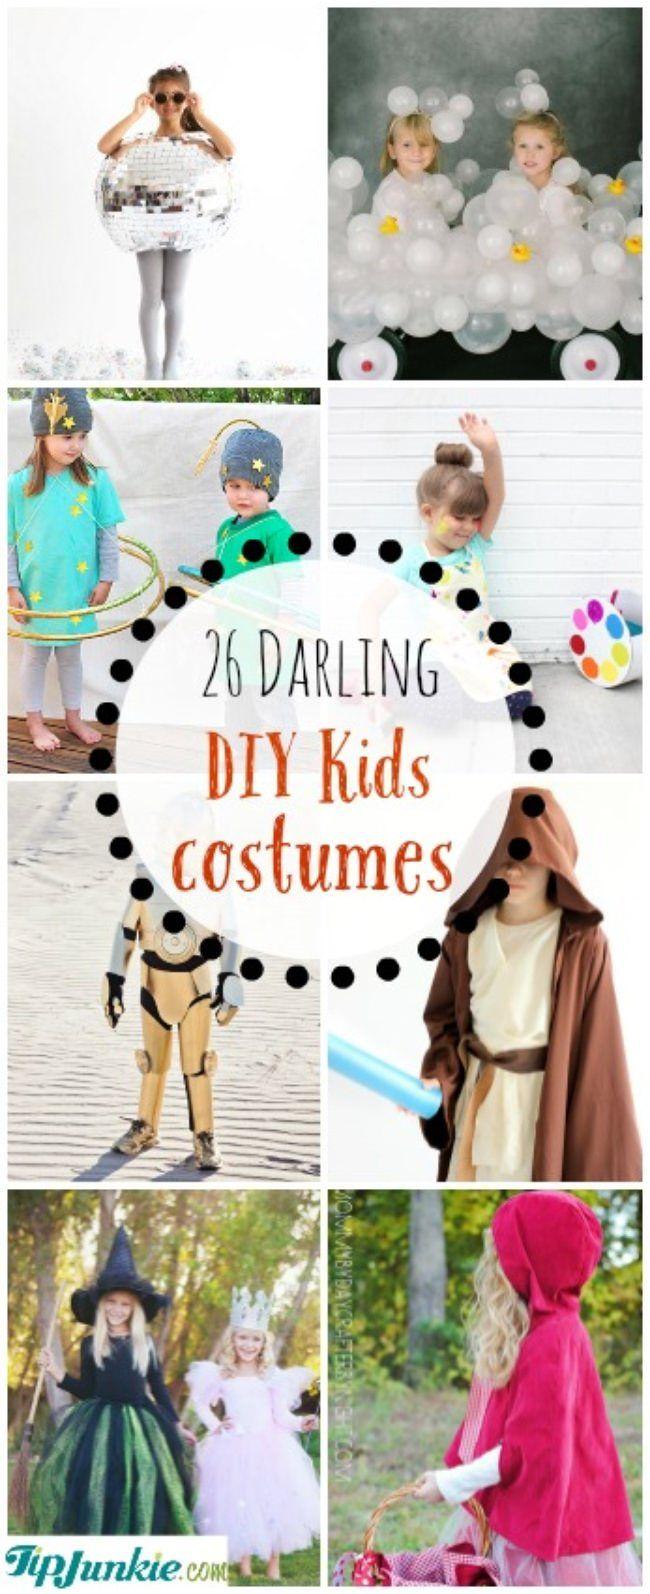 Darling DIY Kids Costumes-jpg | Naaien - verkleedkleren | Pinterest ...